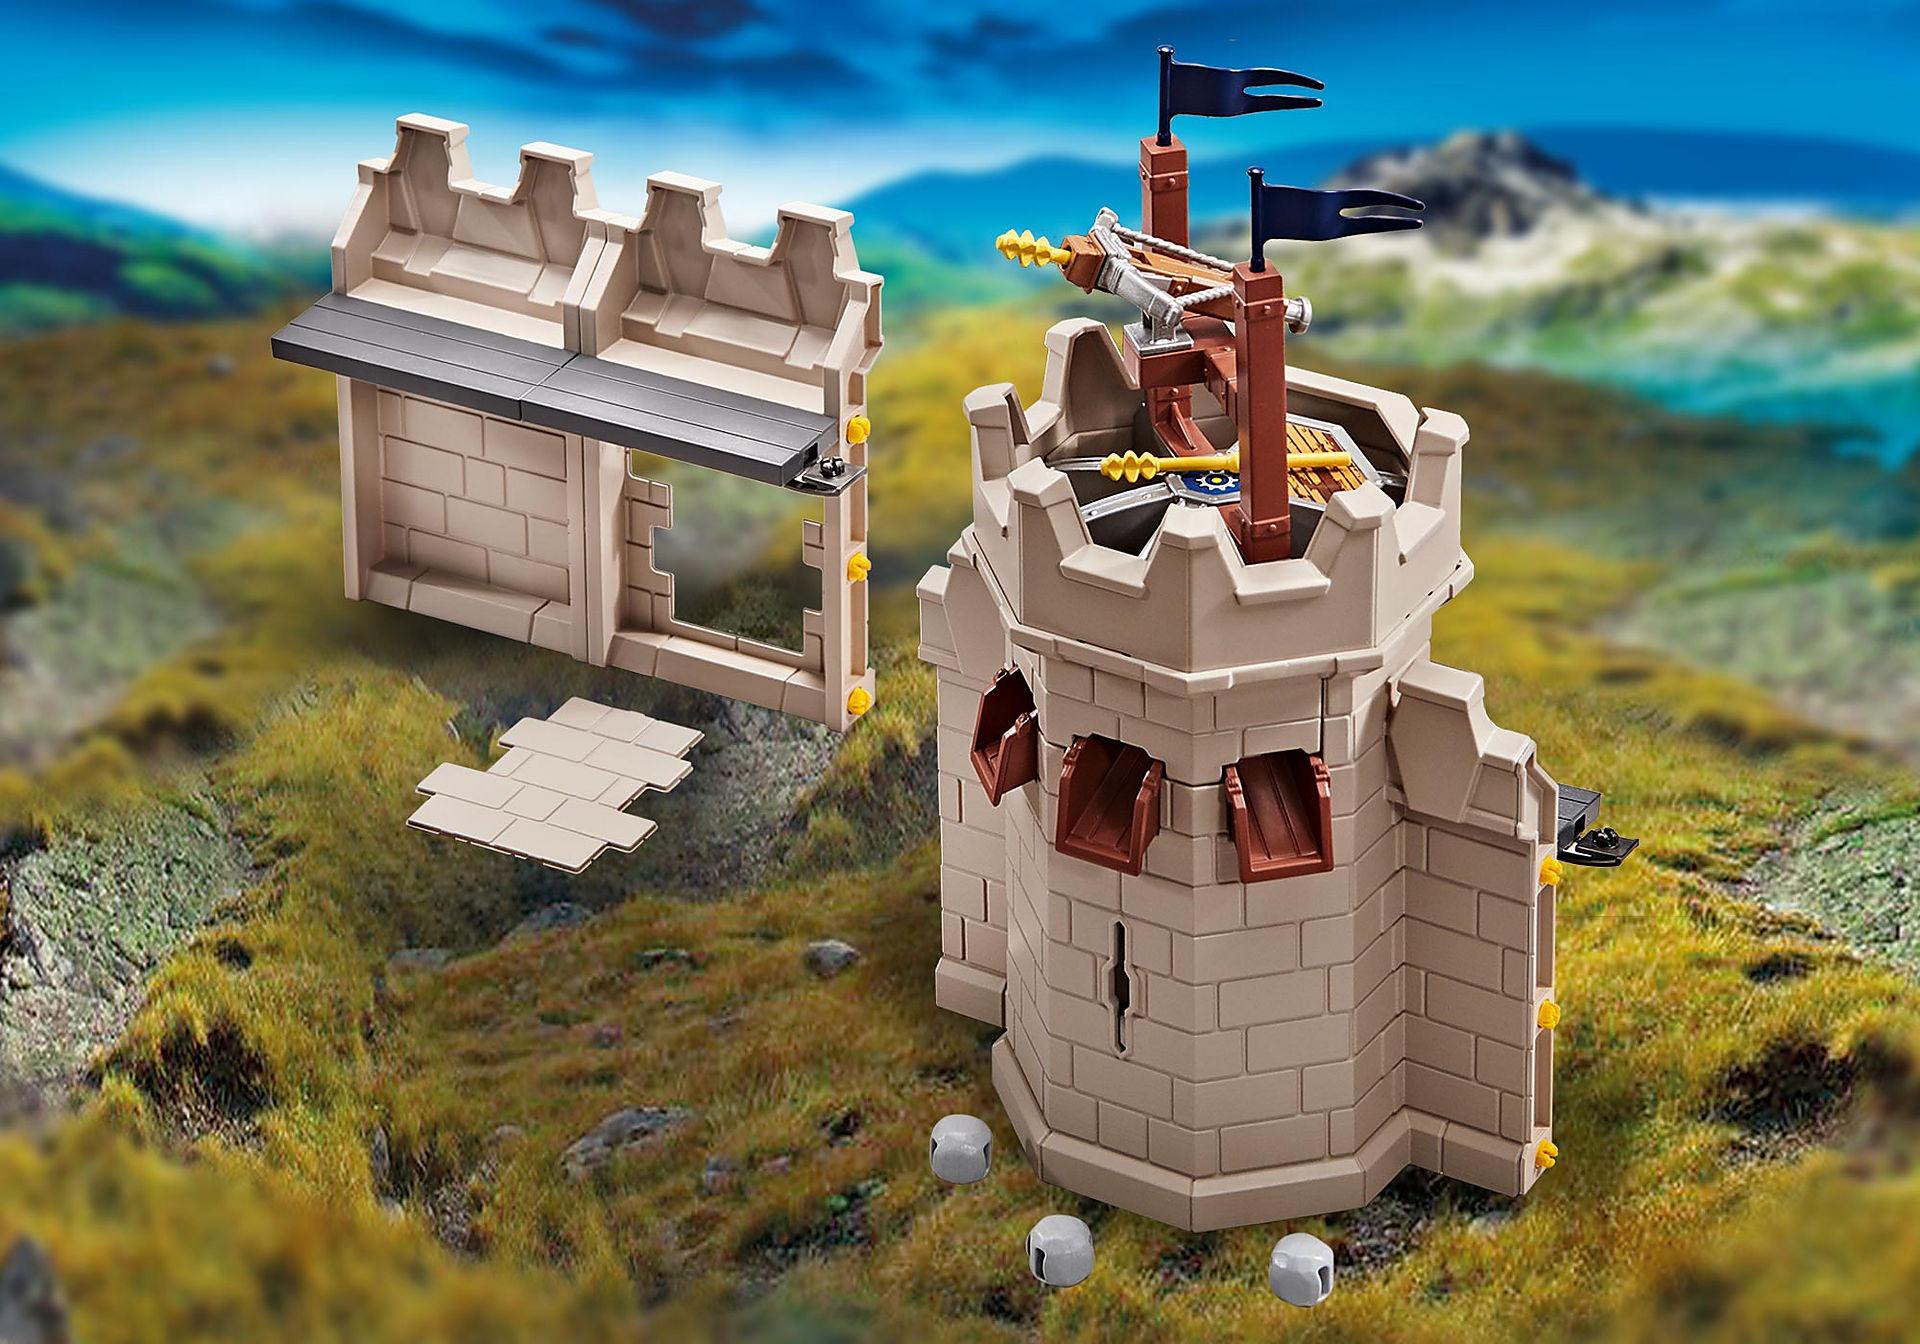 9840 Uitbreiding toren voor de Grote burcht van de Novelmore ridders zoom image1